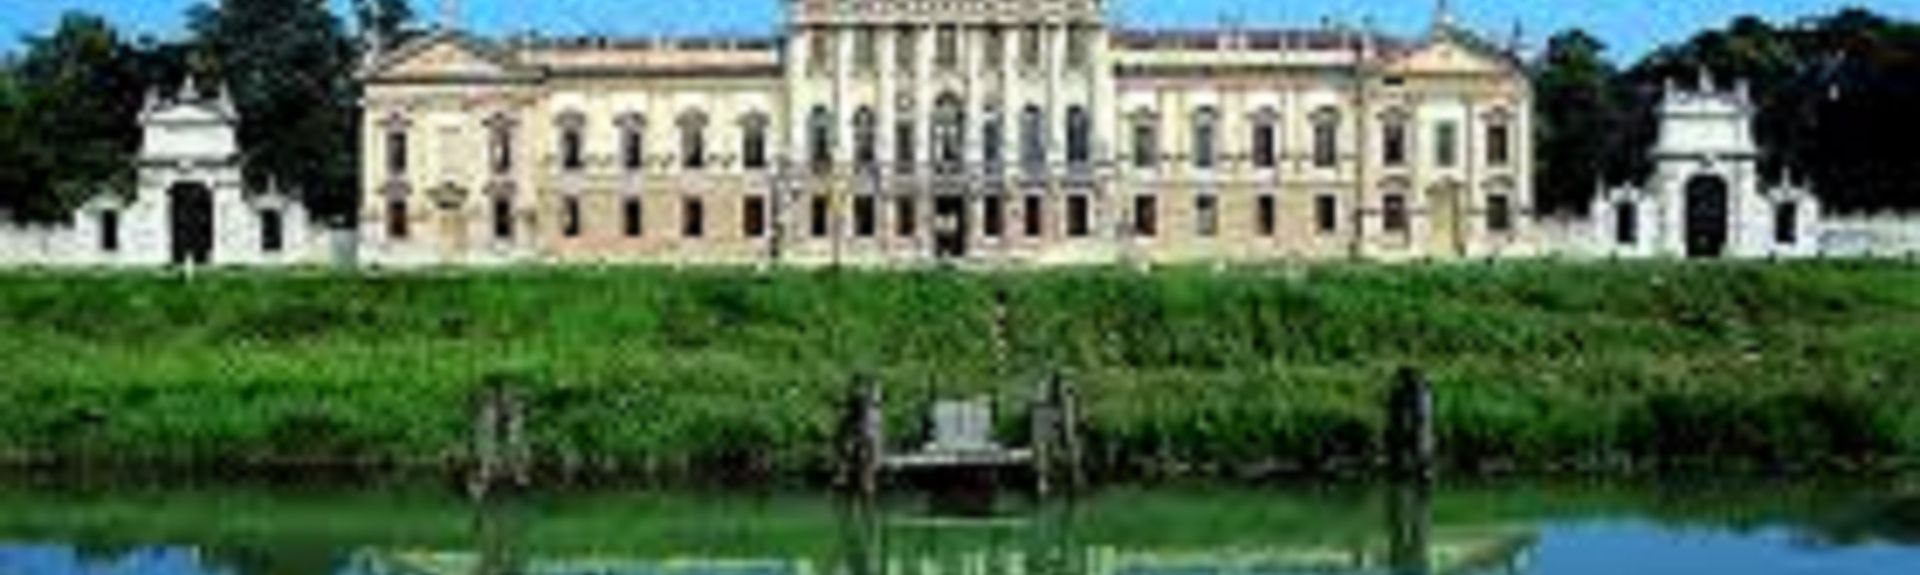 Vigonovo, Veneto, Italia